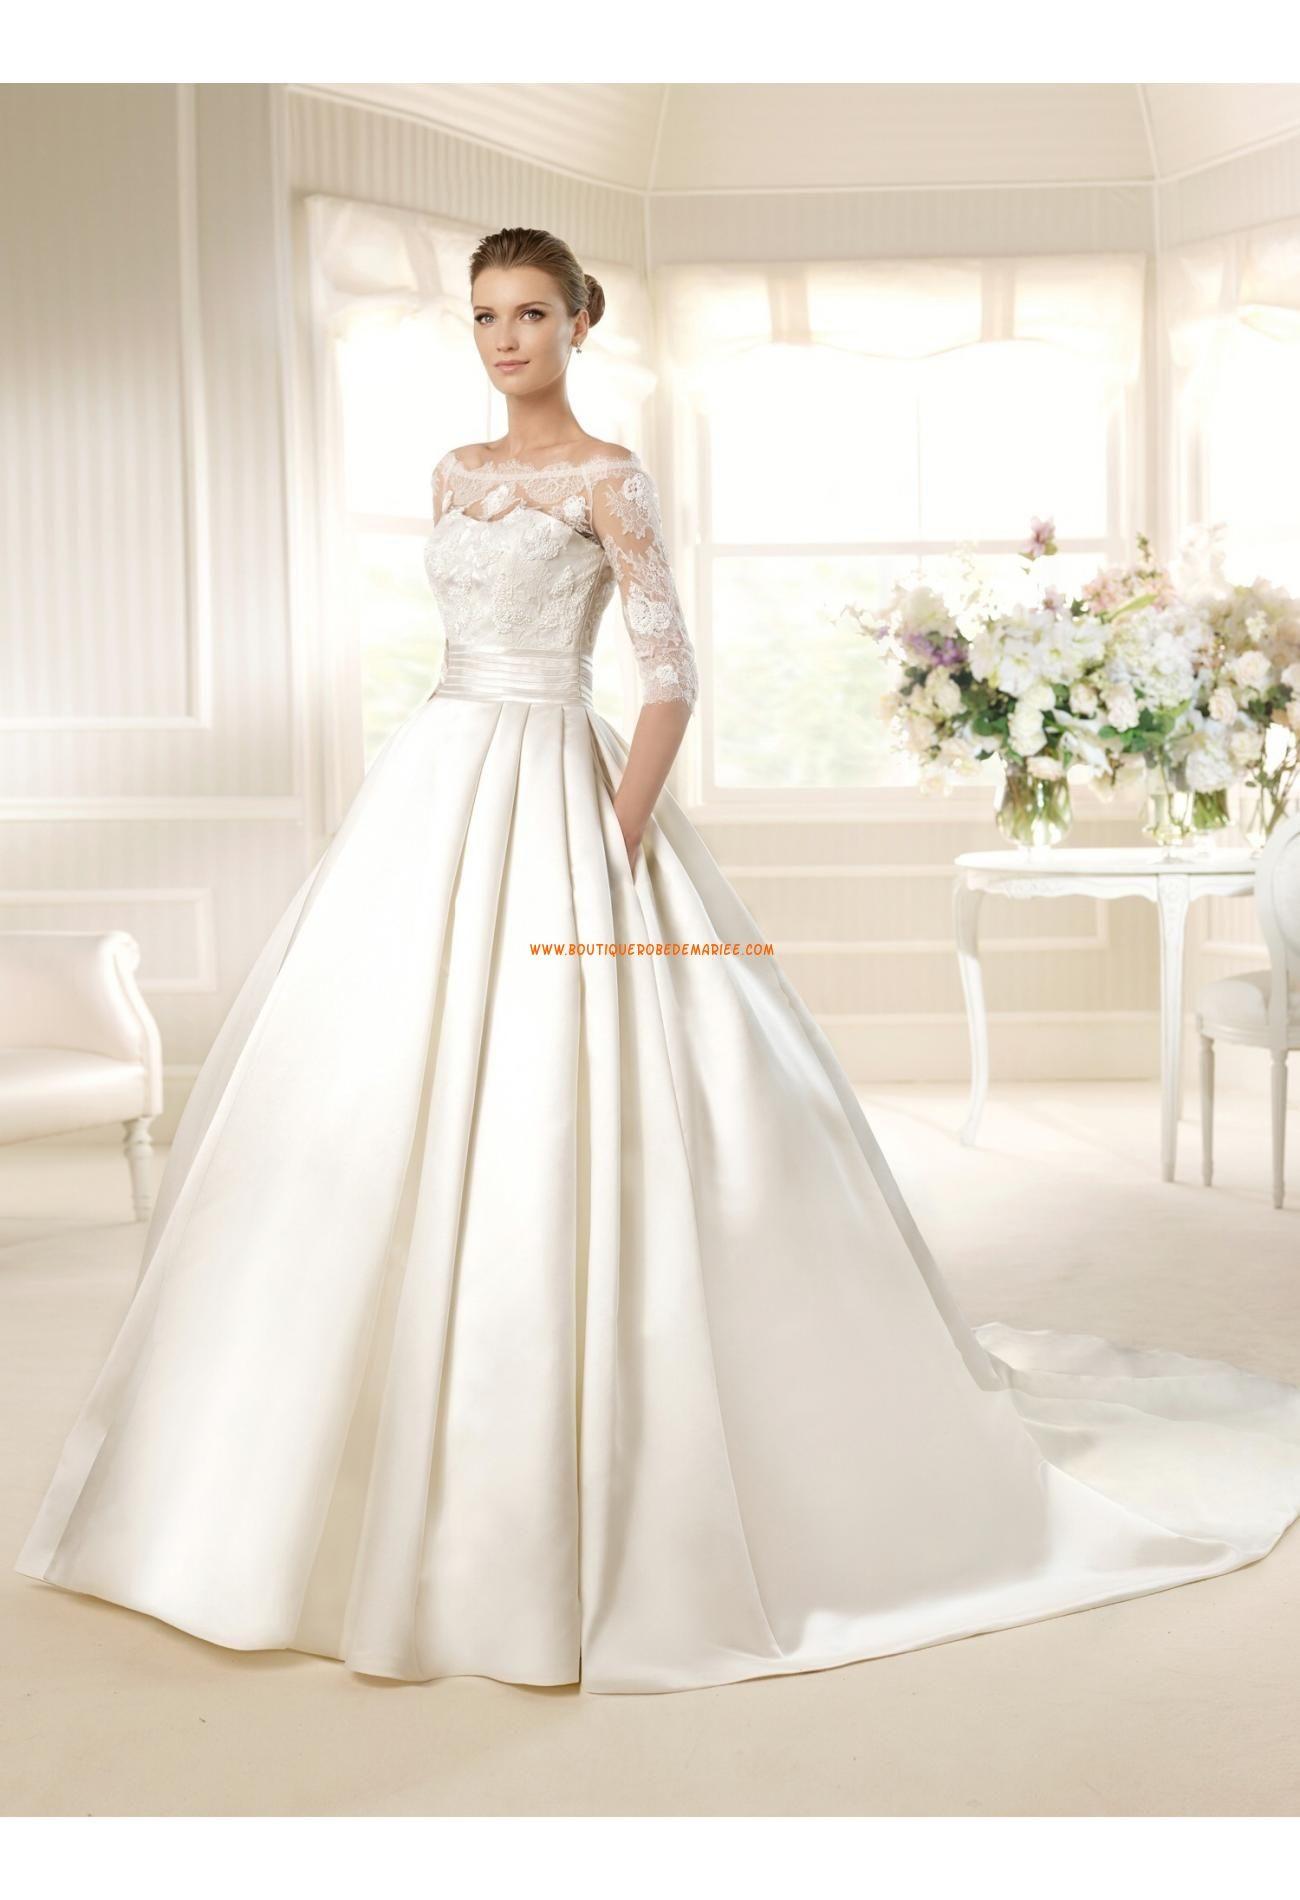 38285368f3b Robe de mariée princesse satin avec manches dentelle